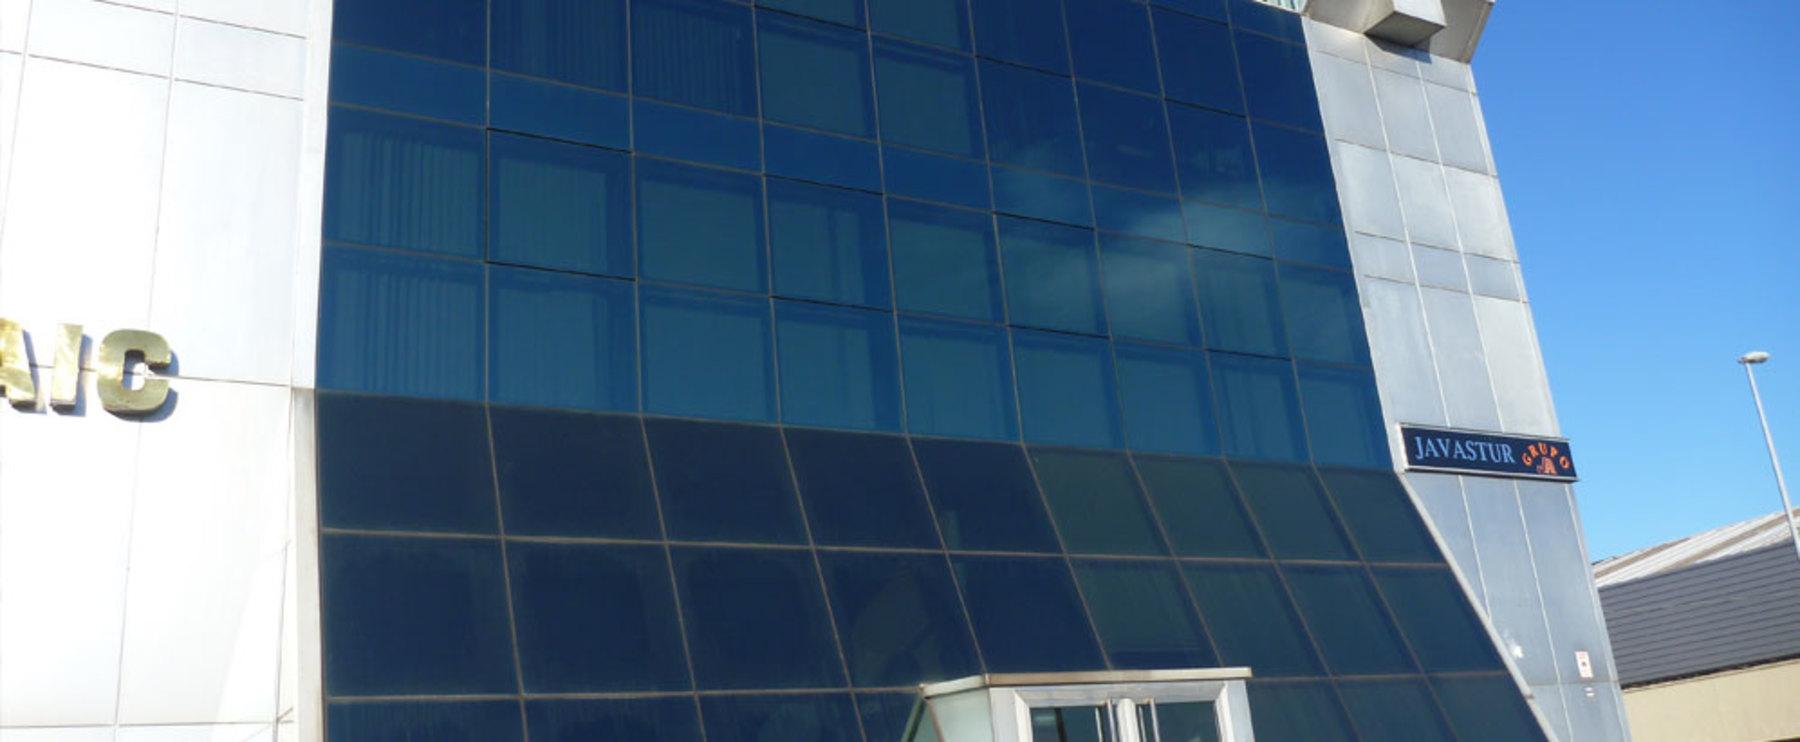 Empresa de construcci n en gij n pide tu presupuesto gratis for Construccion empresa